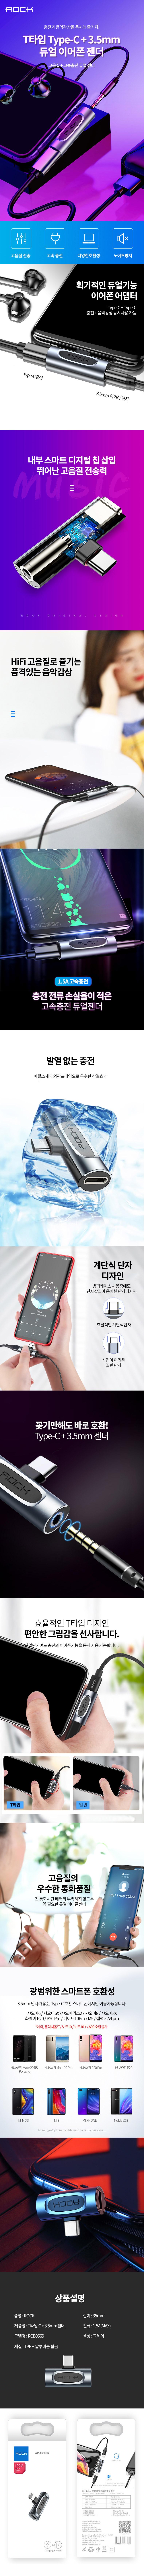 Rock Type-C 3.5mm 2in1 T타입 듀얼 이어폰젠더 갤럭시A9프로 홍미노트 화웨이 메이트 (노트10호환X) - 락, 9,000원, 이어폰, 이어폰 악세서리